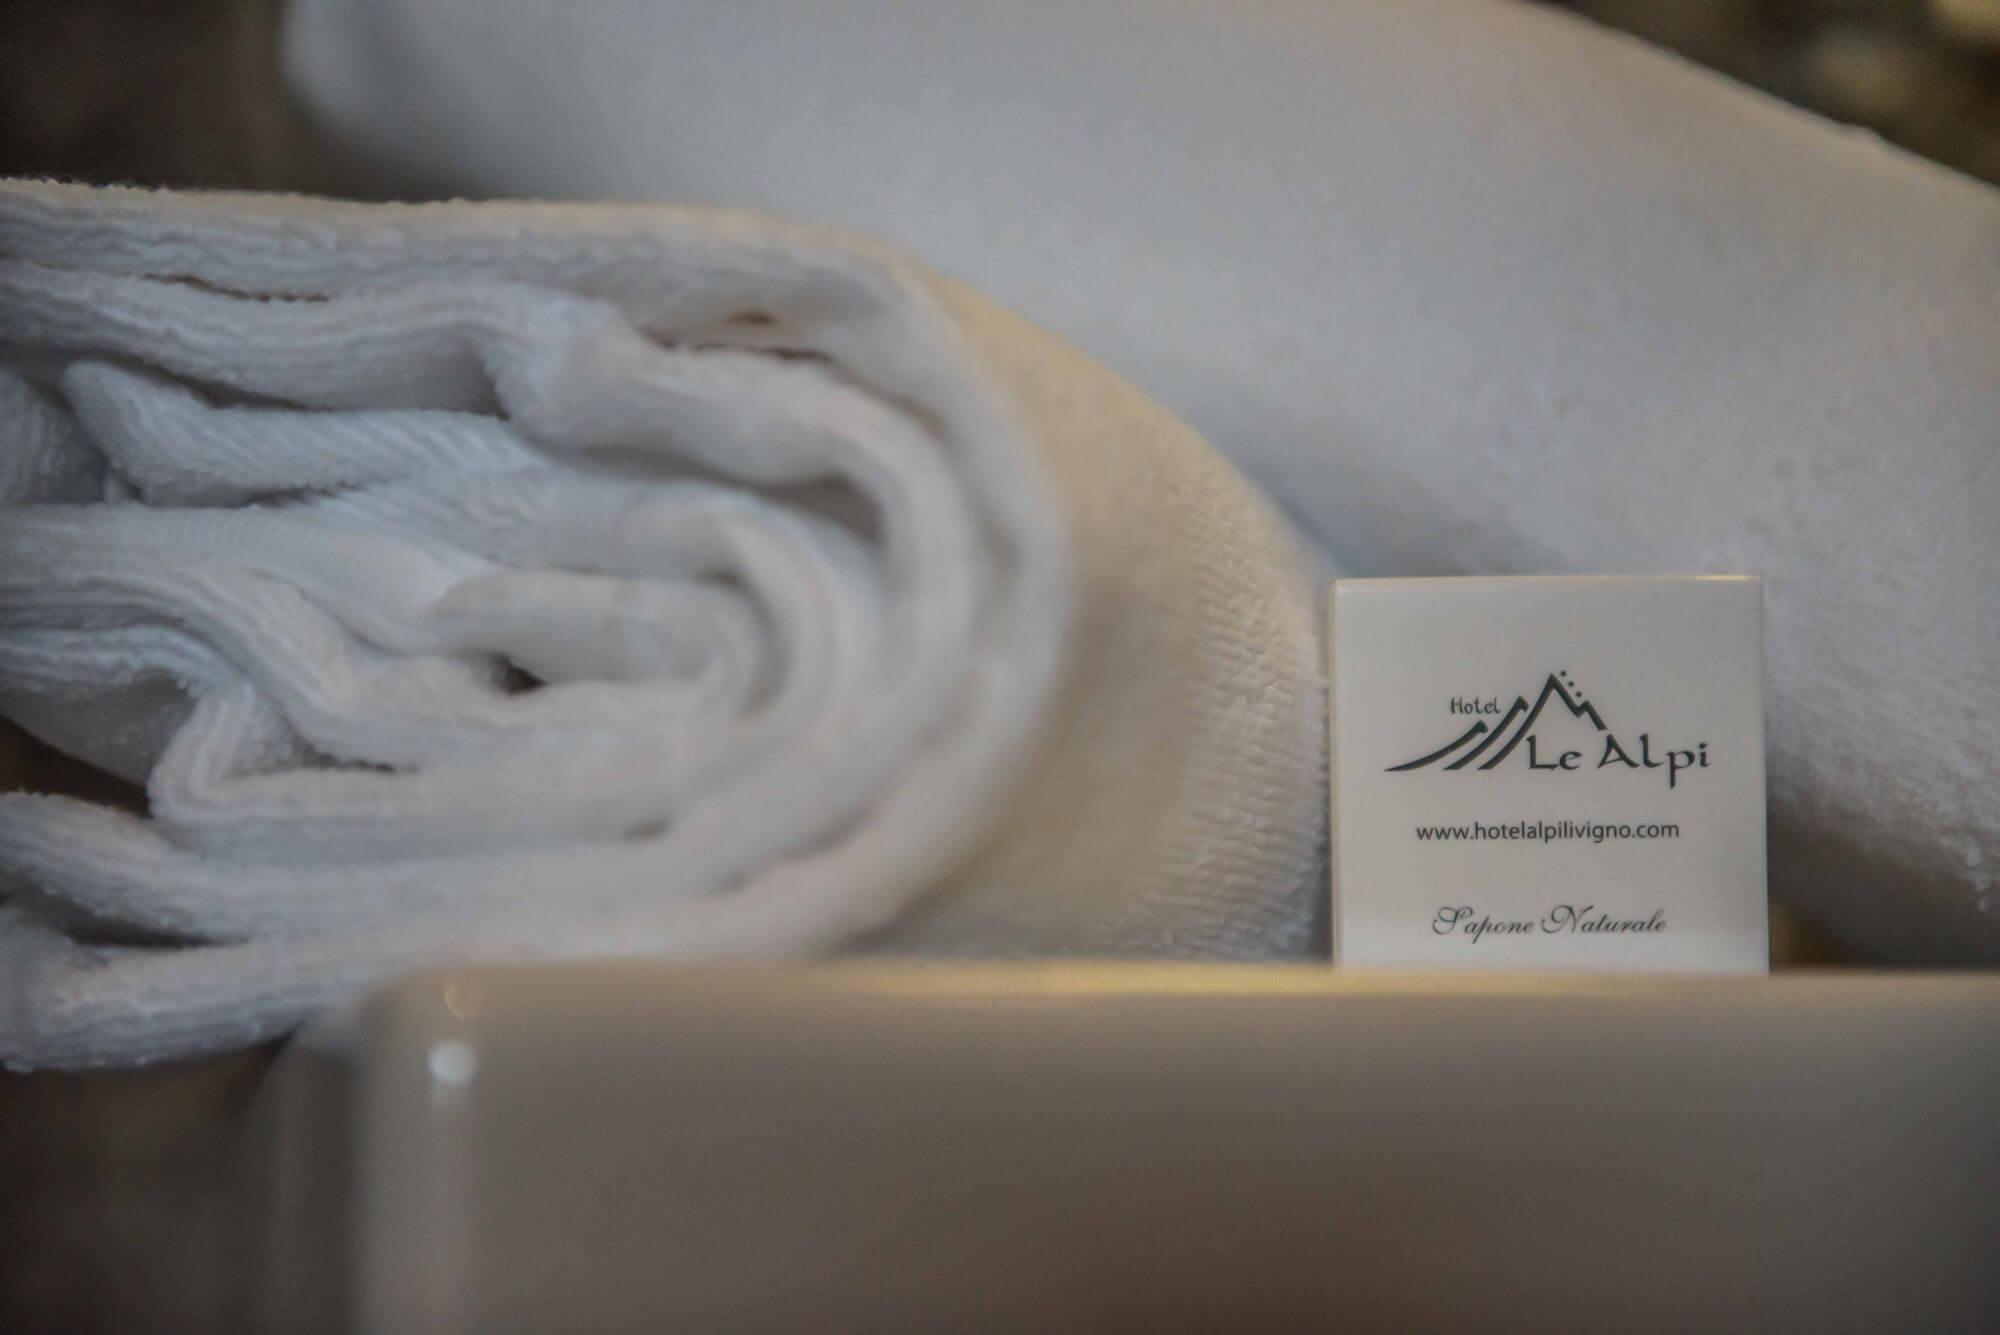 Dettaglio asciugamani: Suite Hotel Le Alpi a Livigno